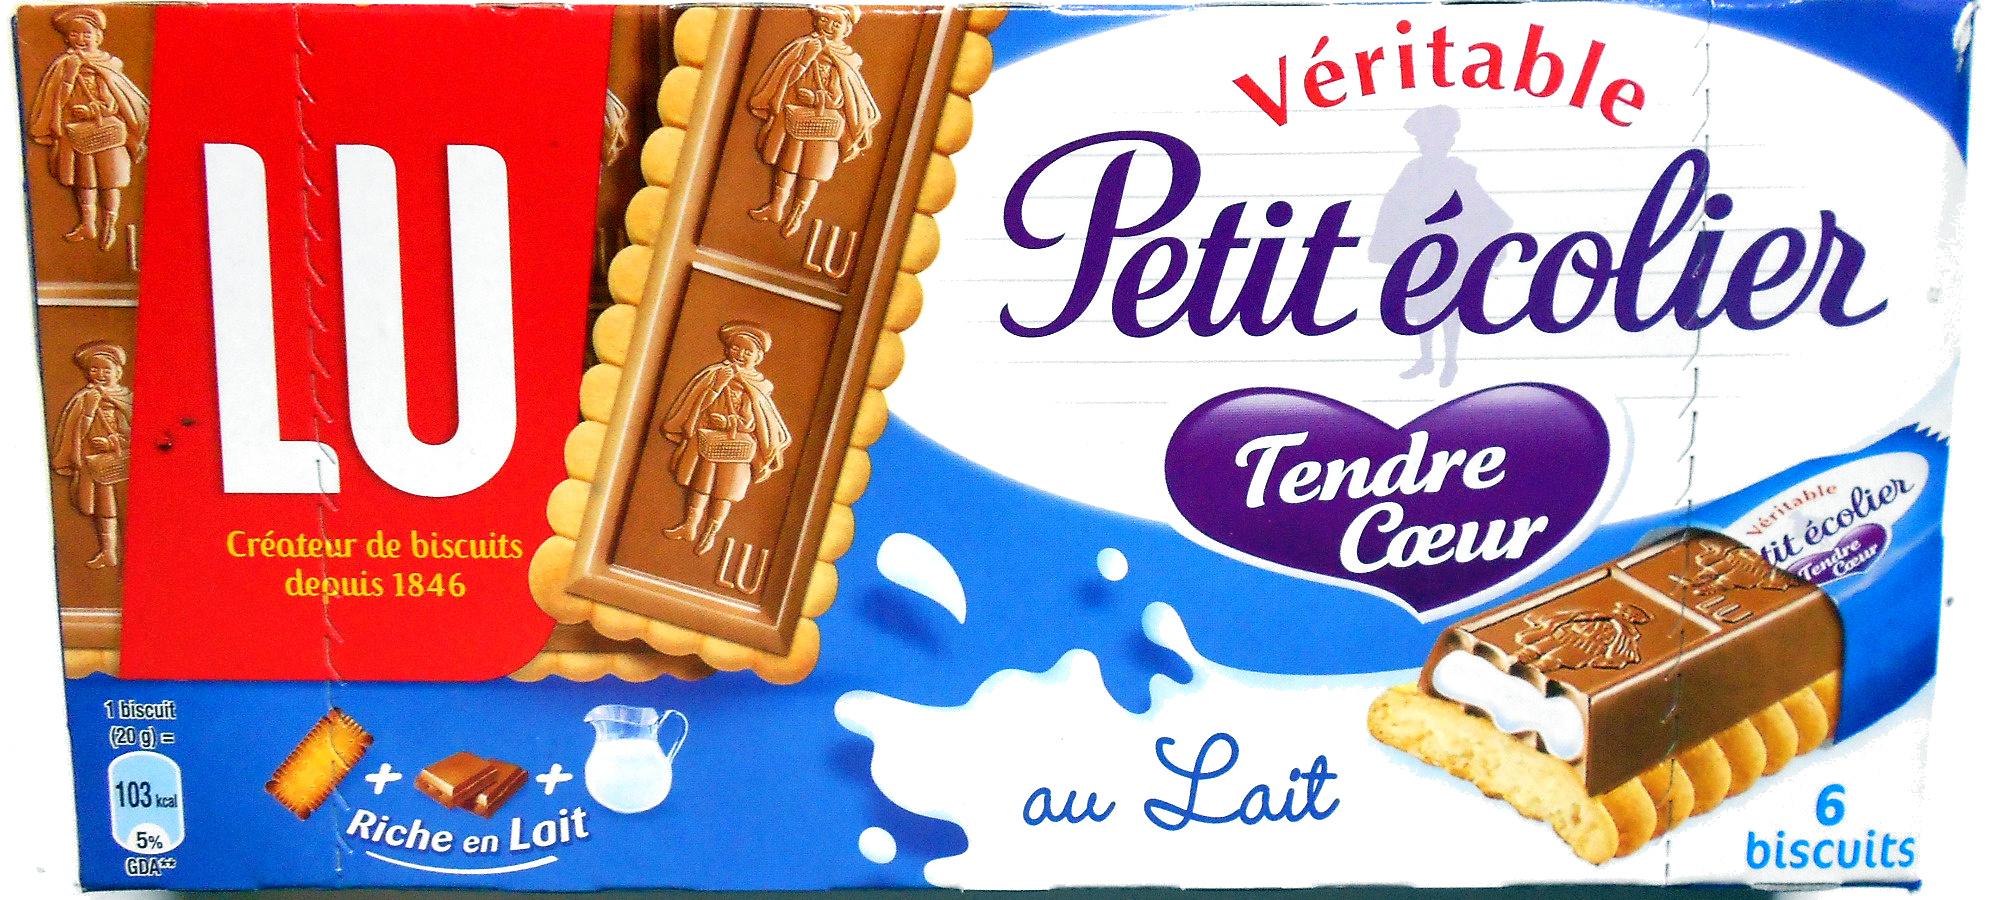 Véritable petit écolier tendre coeur, 6 biscuits -